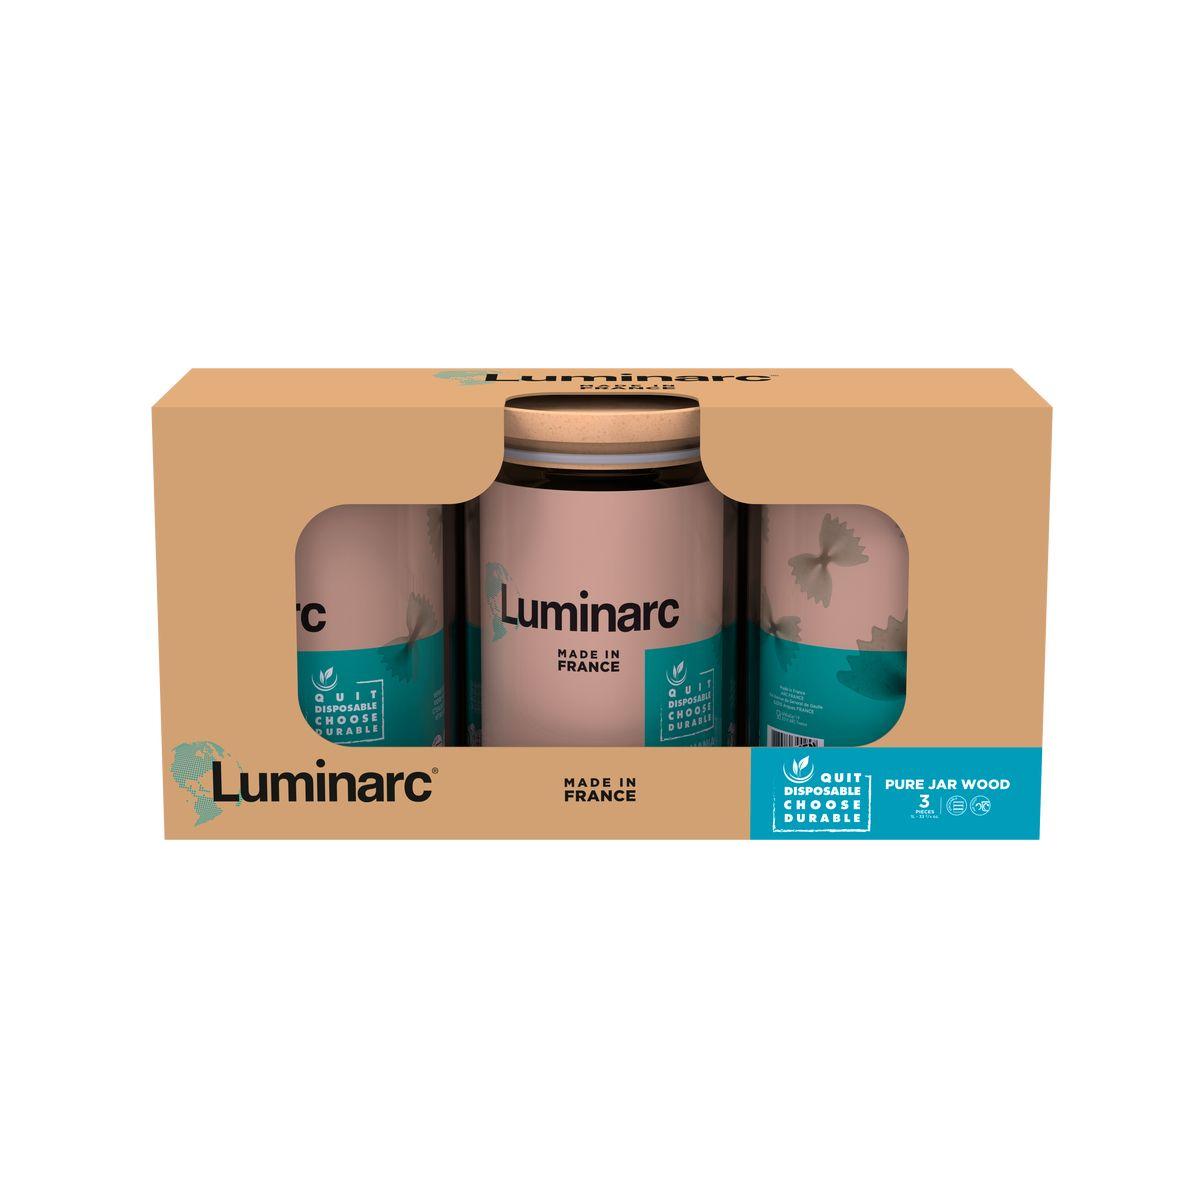 Coffret 3 boîtes de conservation en verre avec couvercle en bois 11 x 11 x 14 cm 1 l - Luminarc